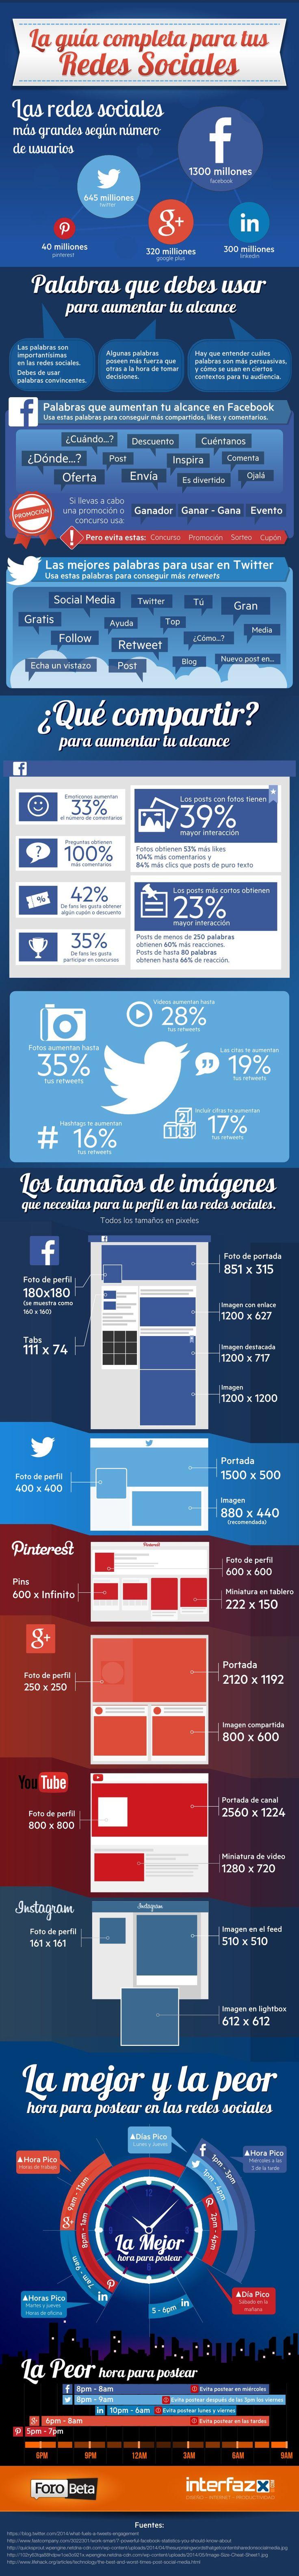 #Infografia Guia completa sobre las #RedesSociales